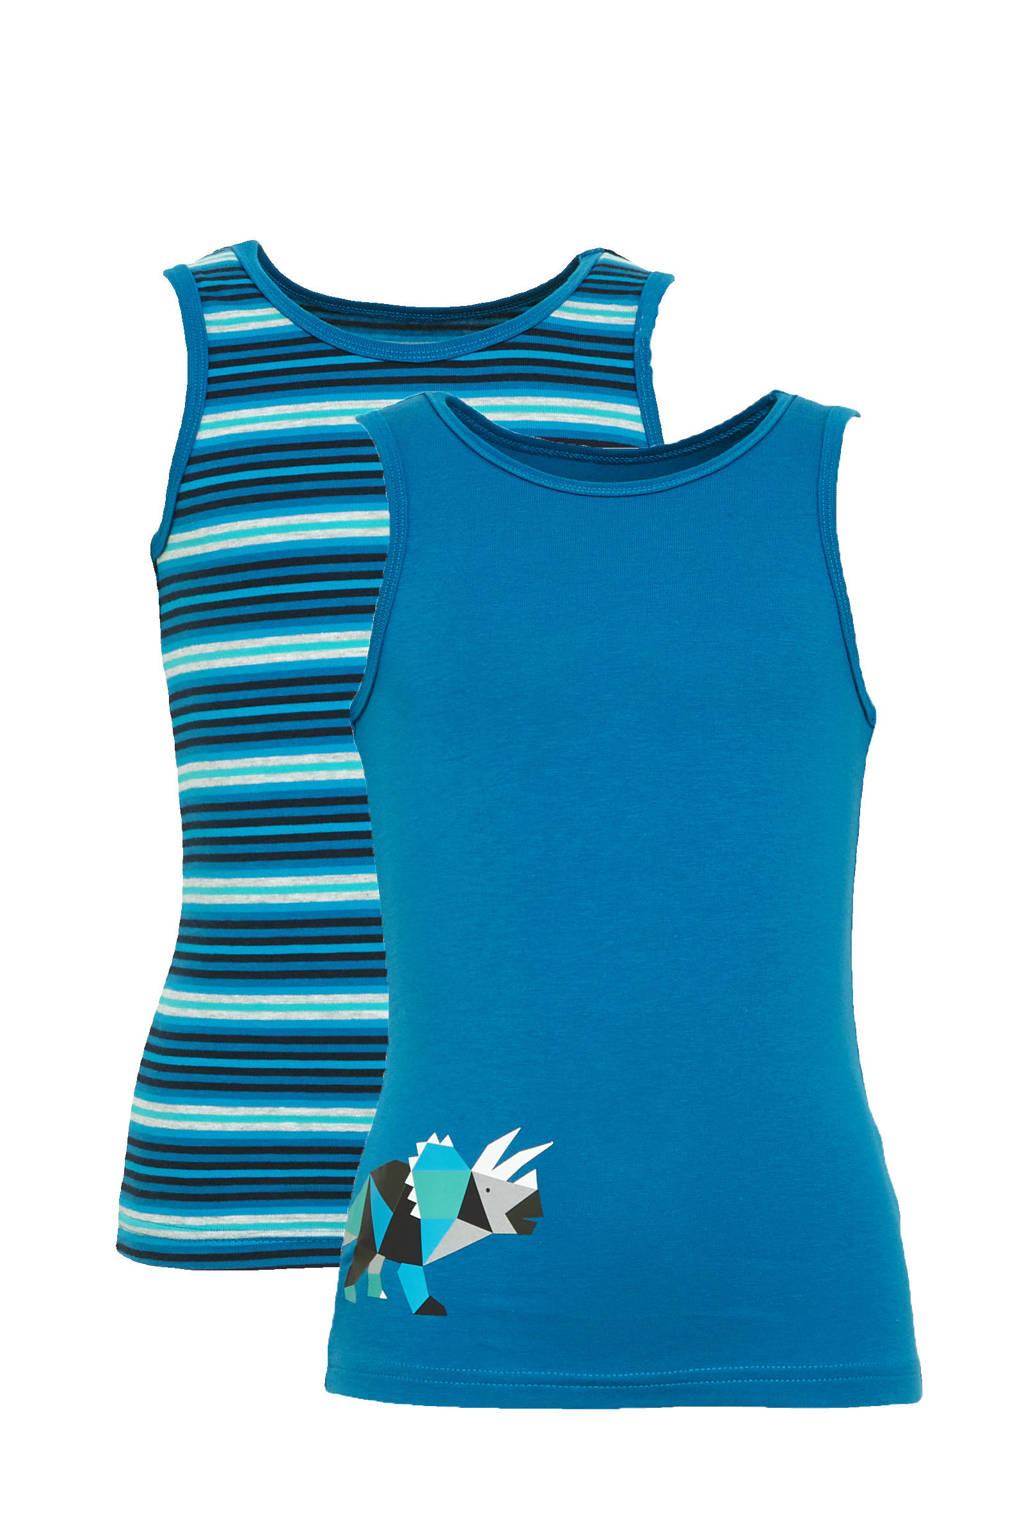 C&A Palomino hemd - set van 2 blauw, Blauw